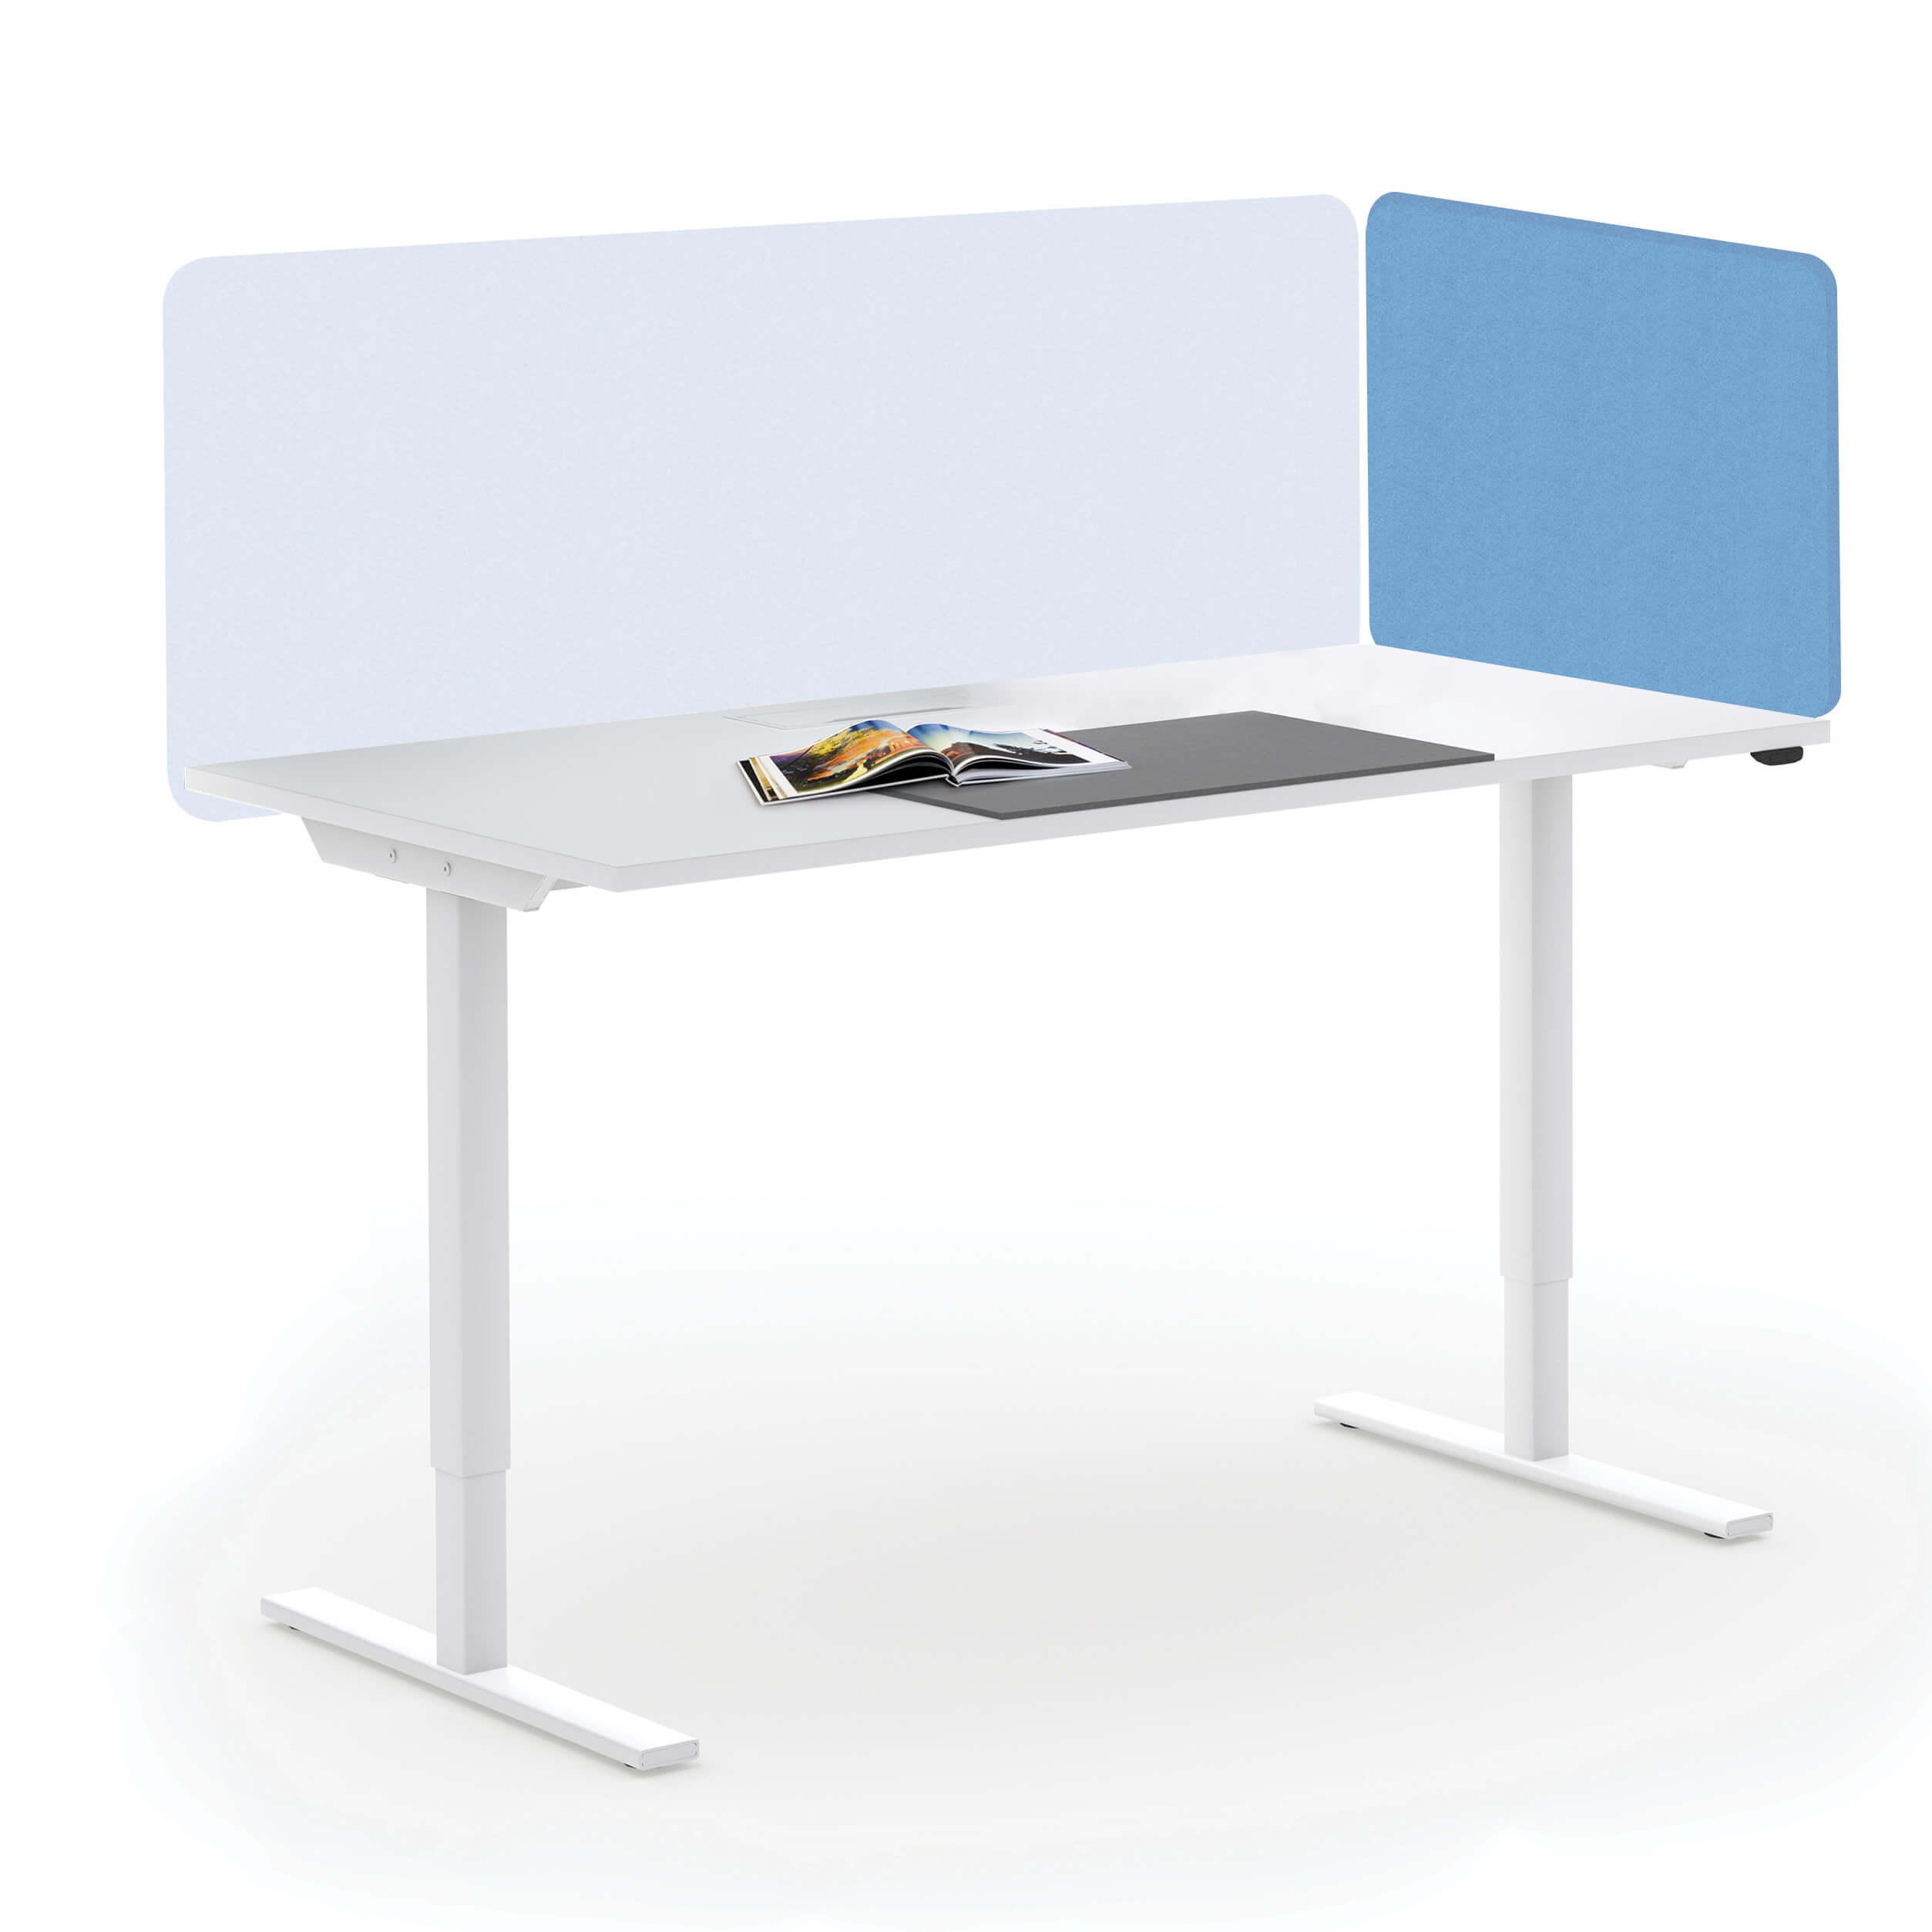 Akustik-Lösung Tischtrennwand TOP als Seitenblende Sichtschutz Lärmschutz Schallabsorbierend Raumtrenner